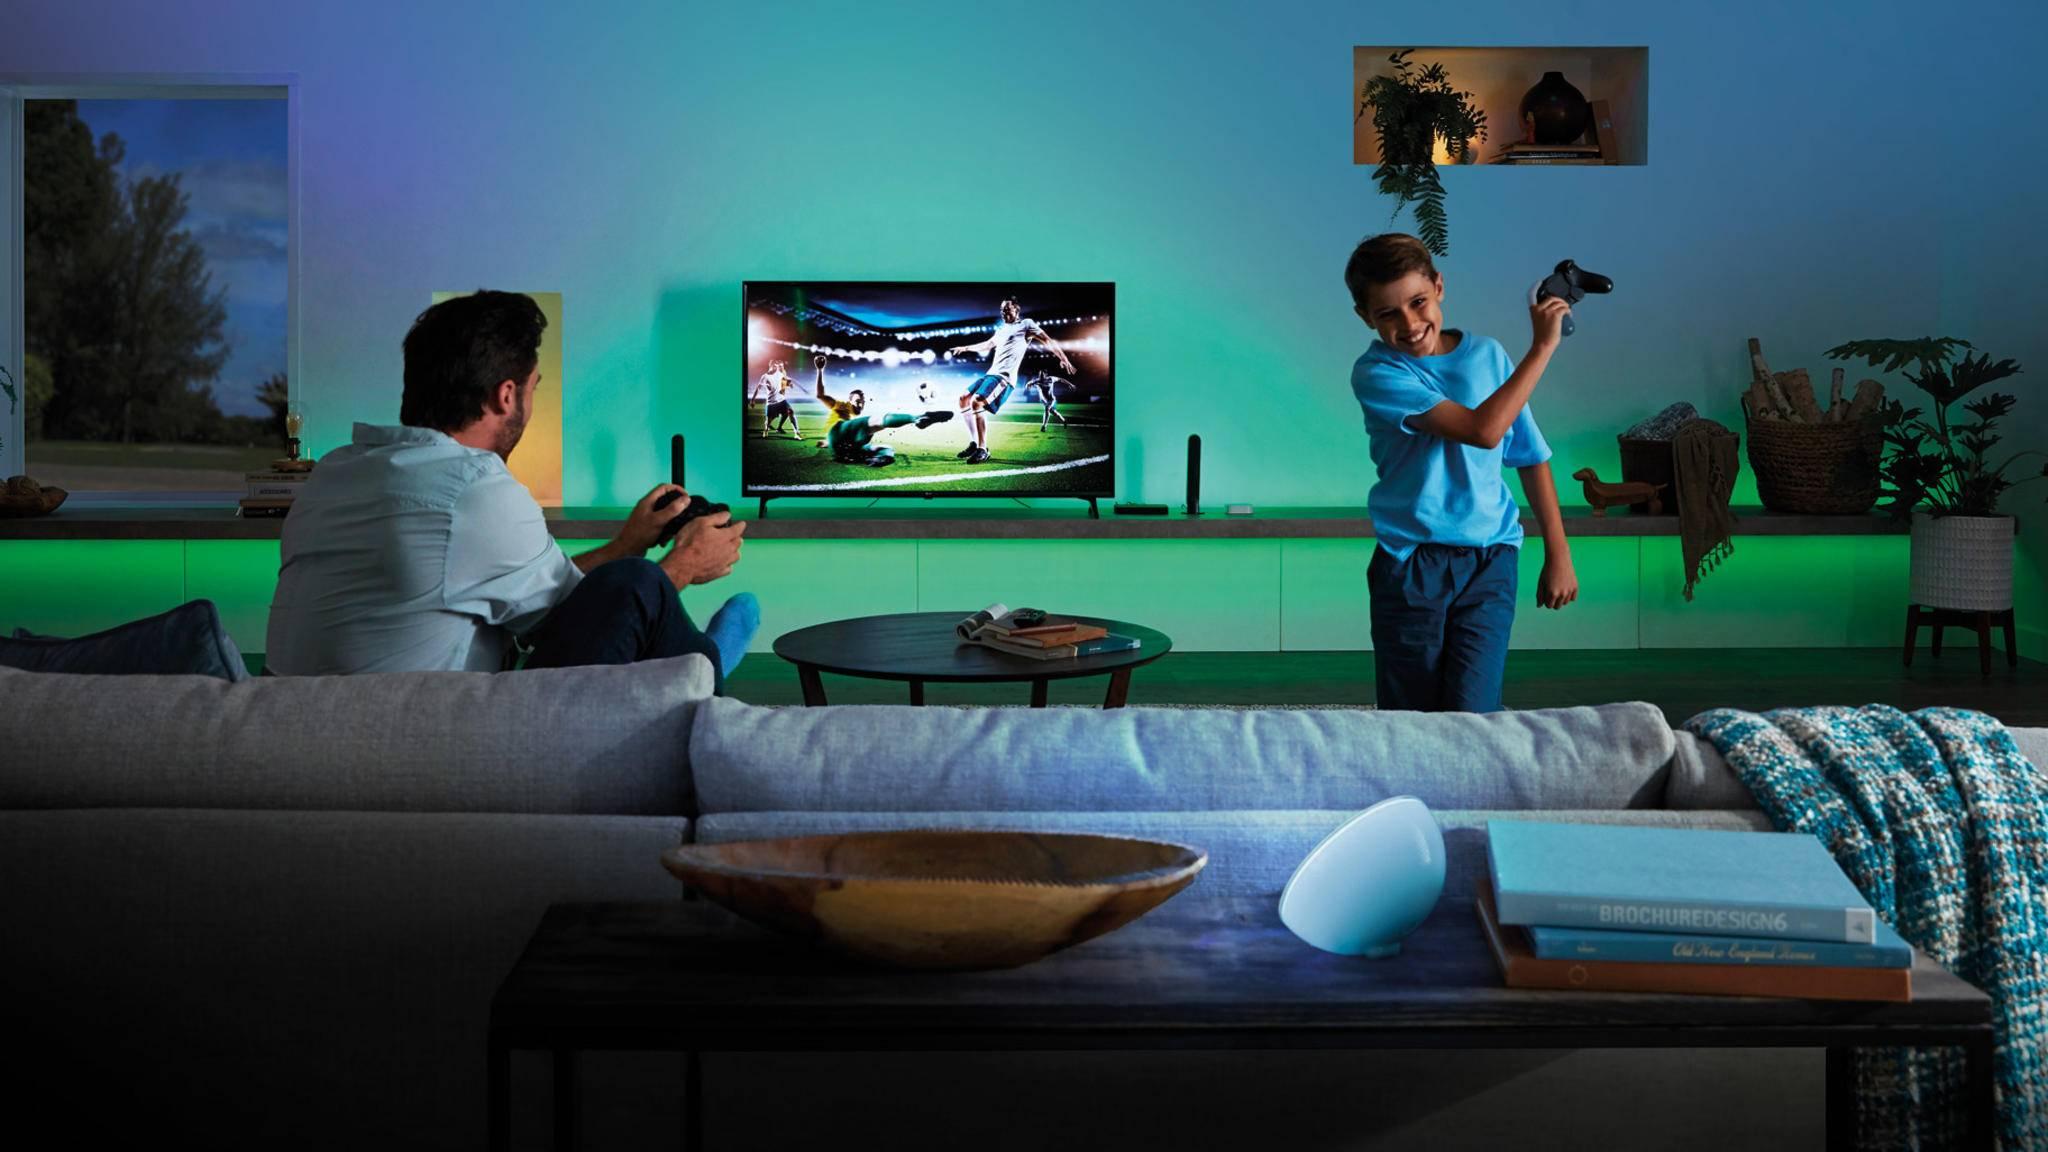 Die Philips-Hue-Lichtshow funktioniert nun auch im Zusammenspiel mit dynamischem HDR.